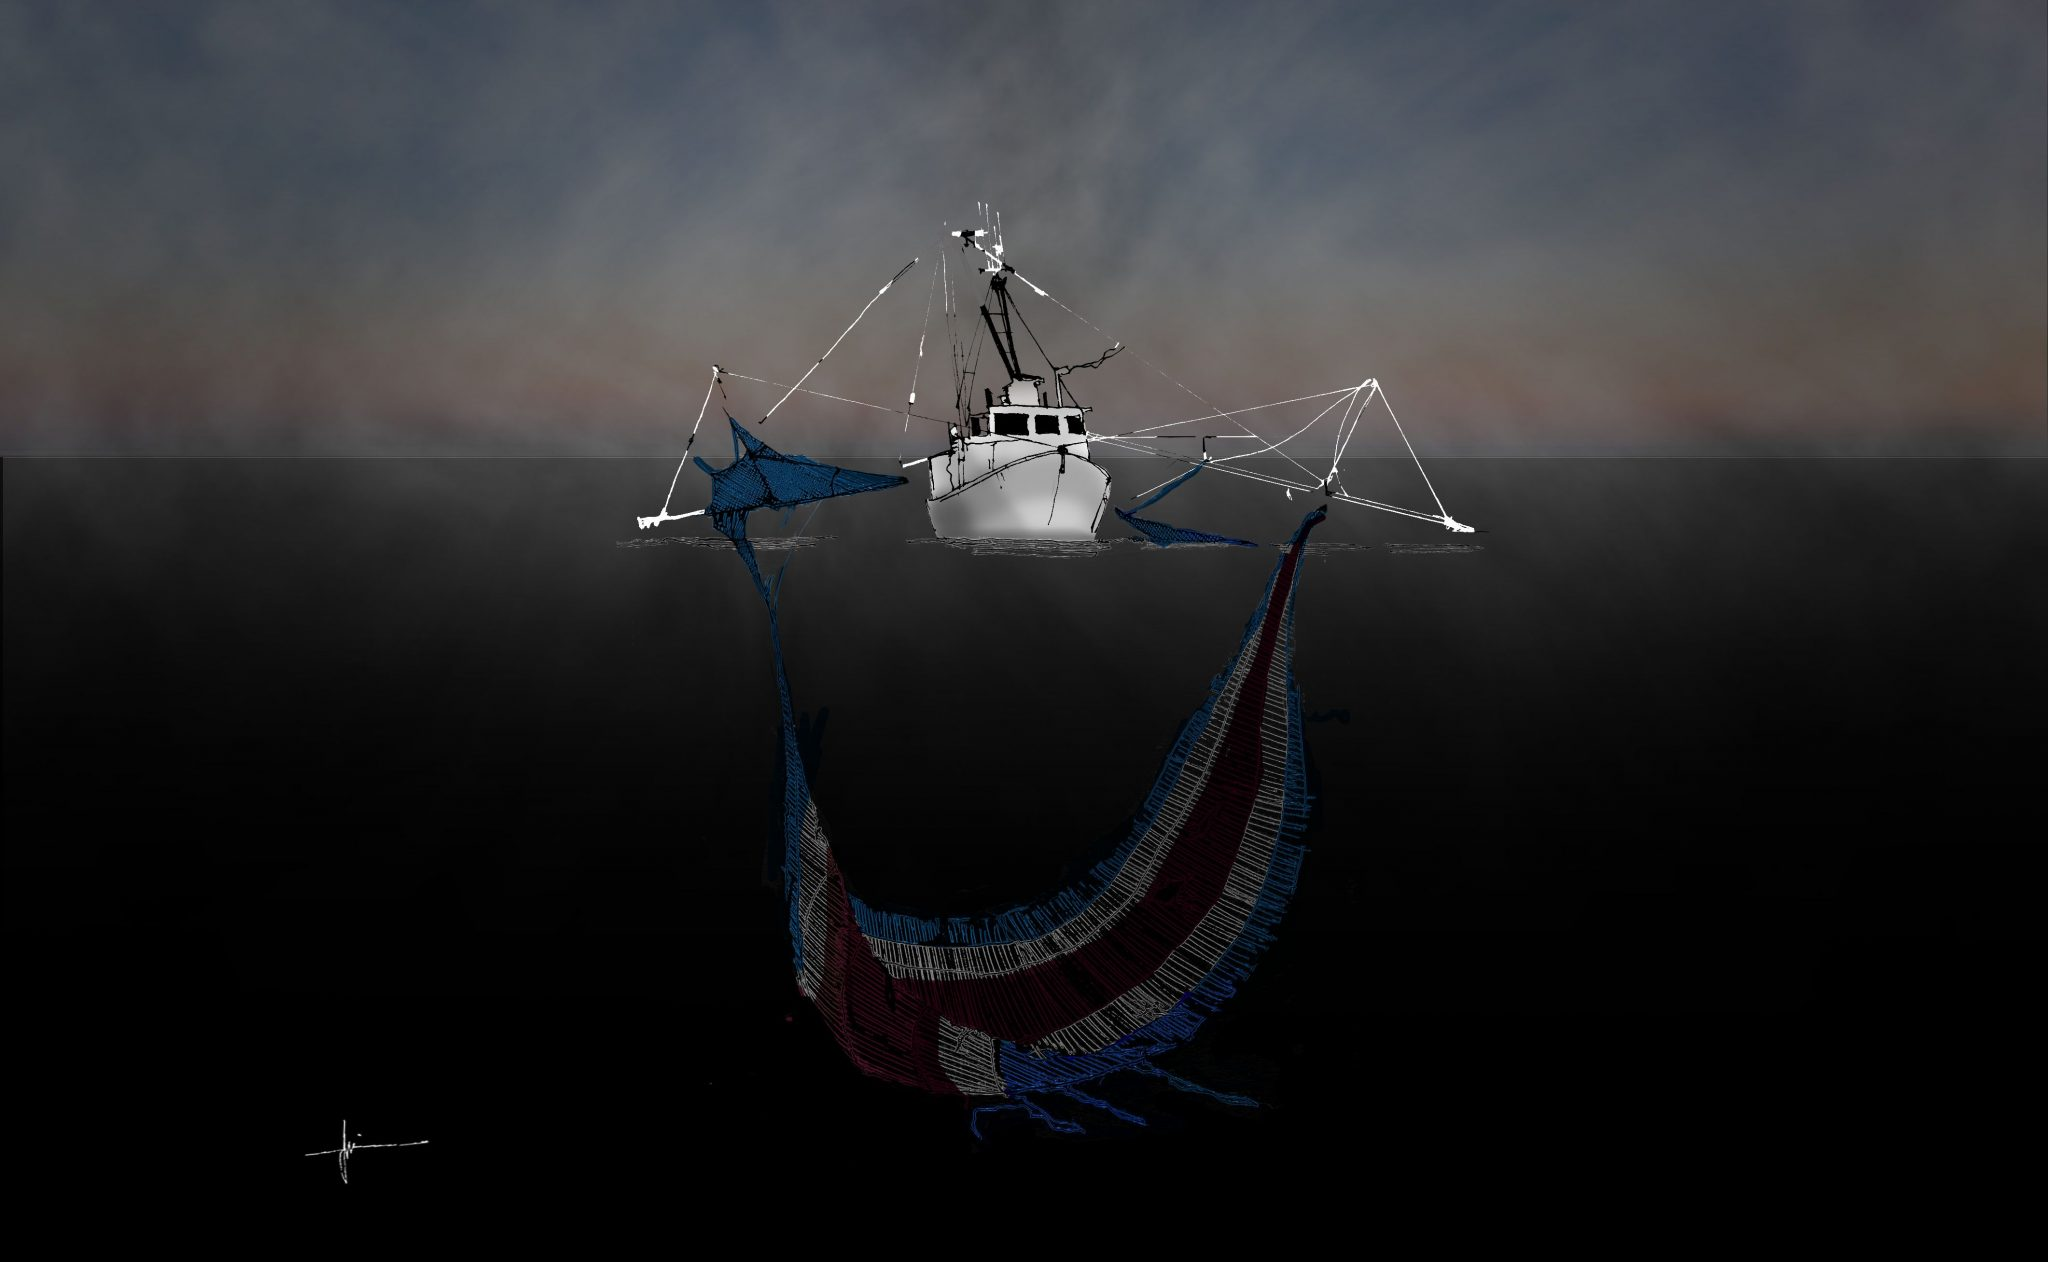 Pesca de arrastre ilustracion